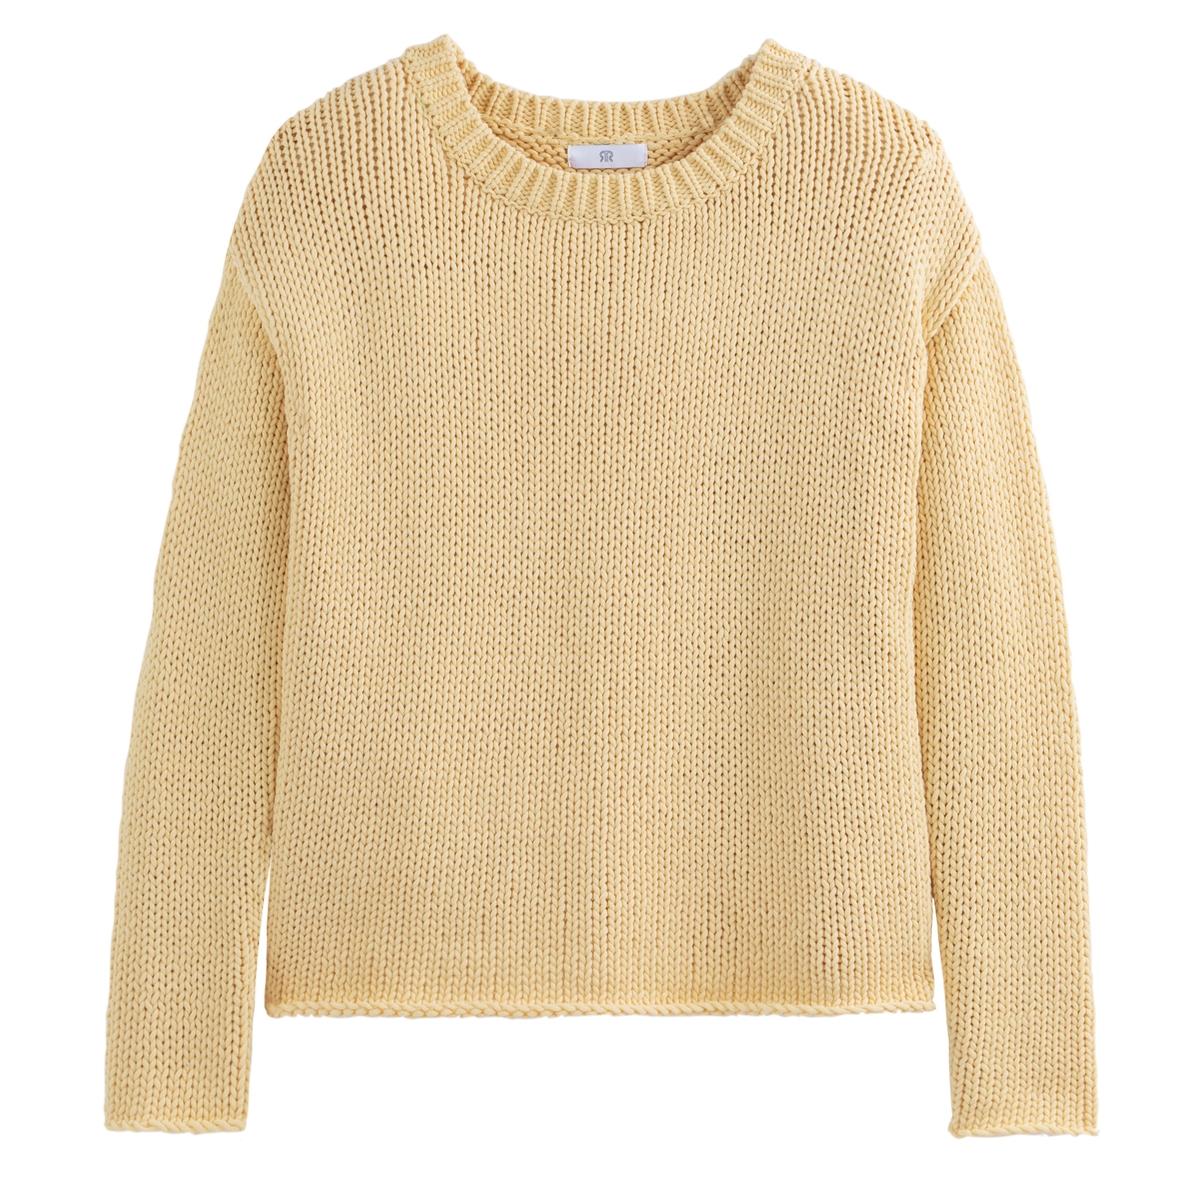 Jersey de punto grueso, algodón